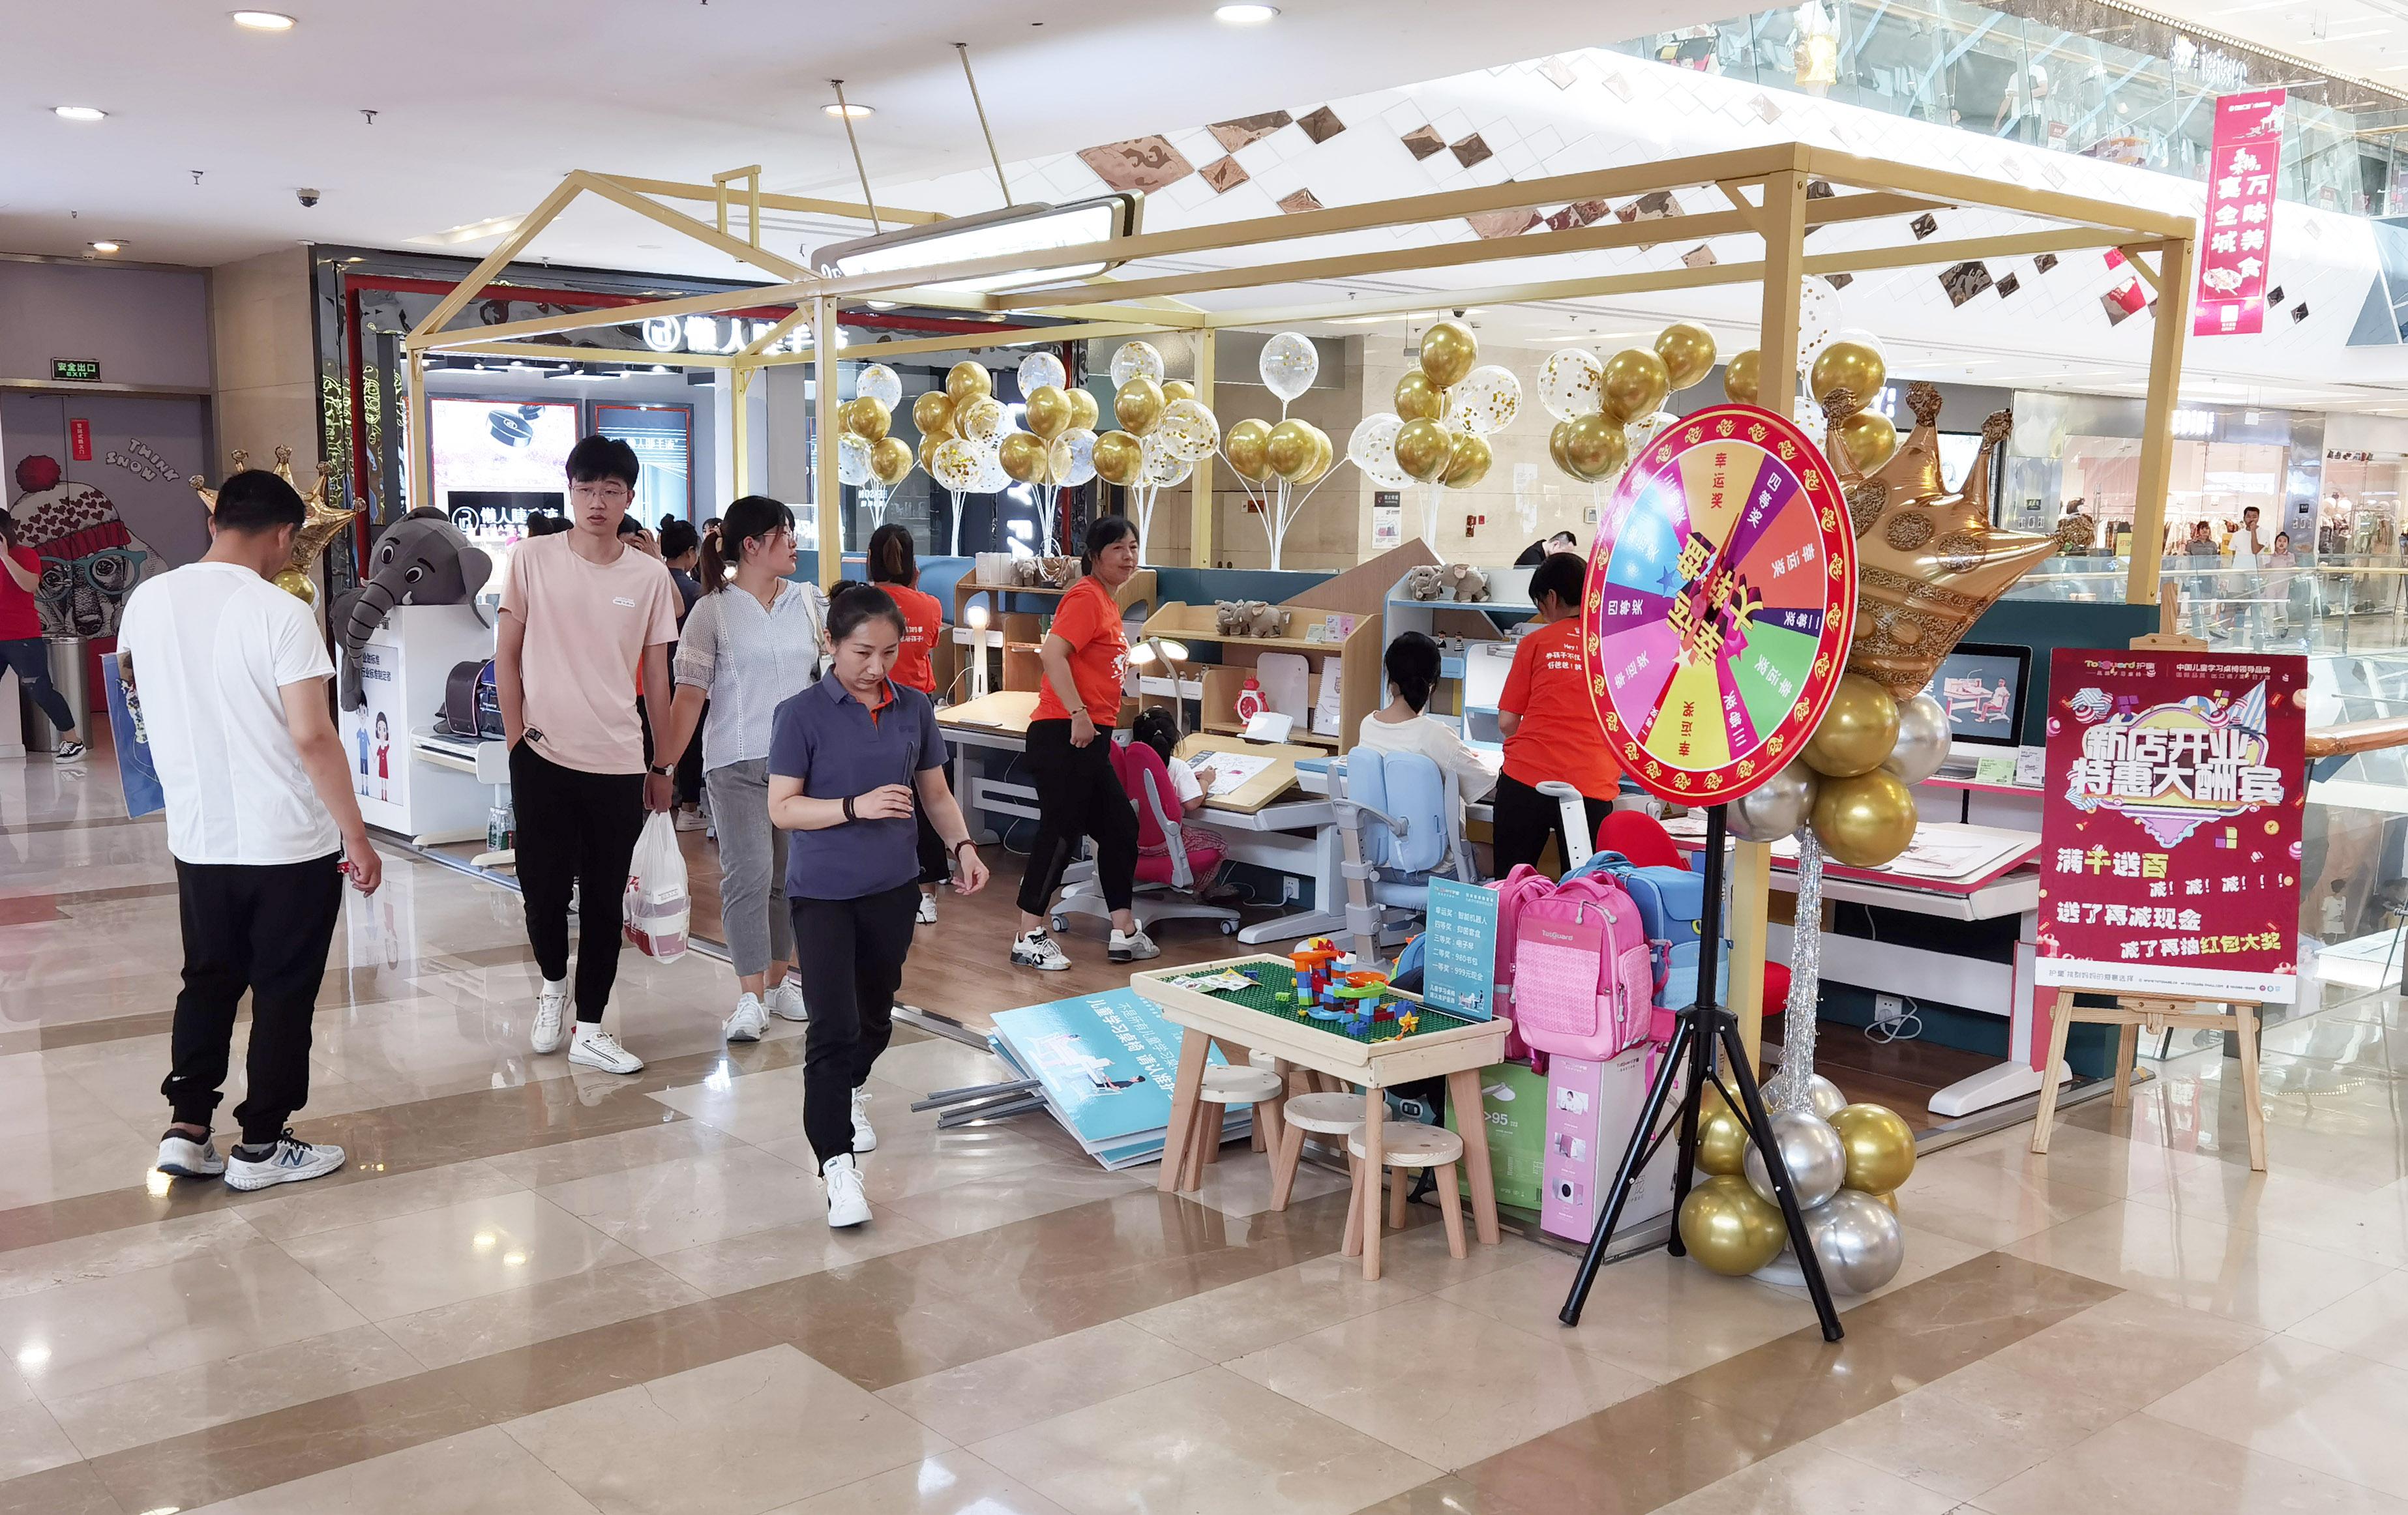 热烈祝贺护童第2103家泰州万达购物广场护童专柜盛大开业!